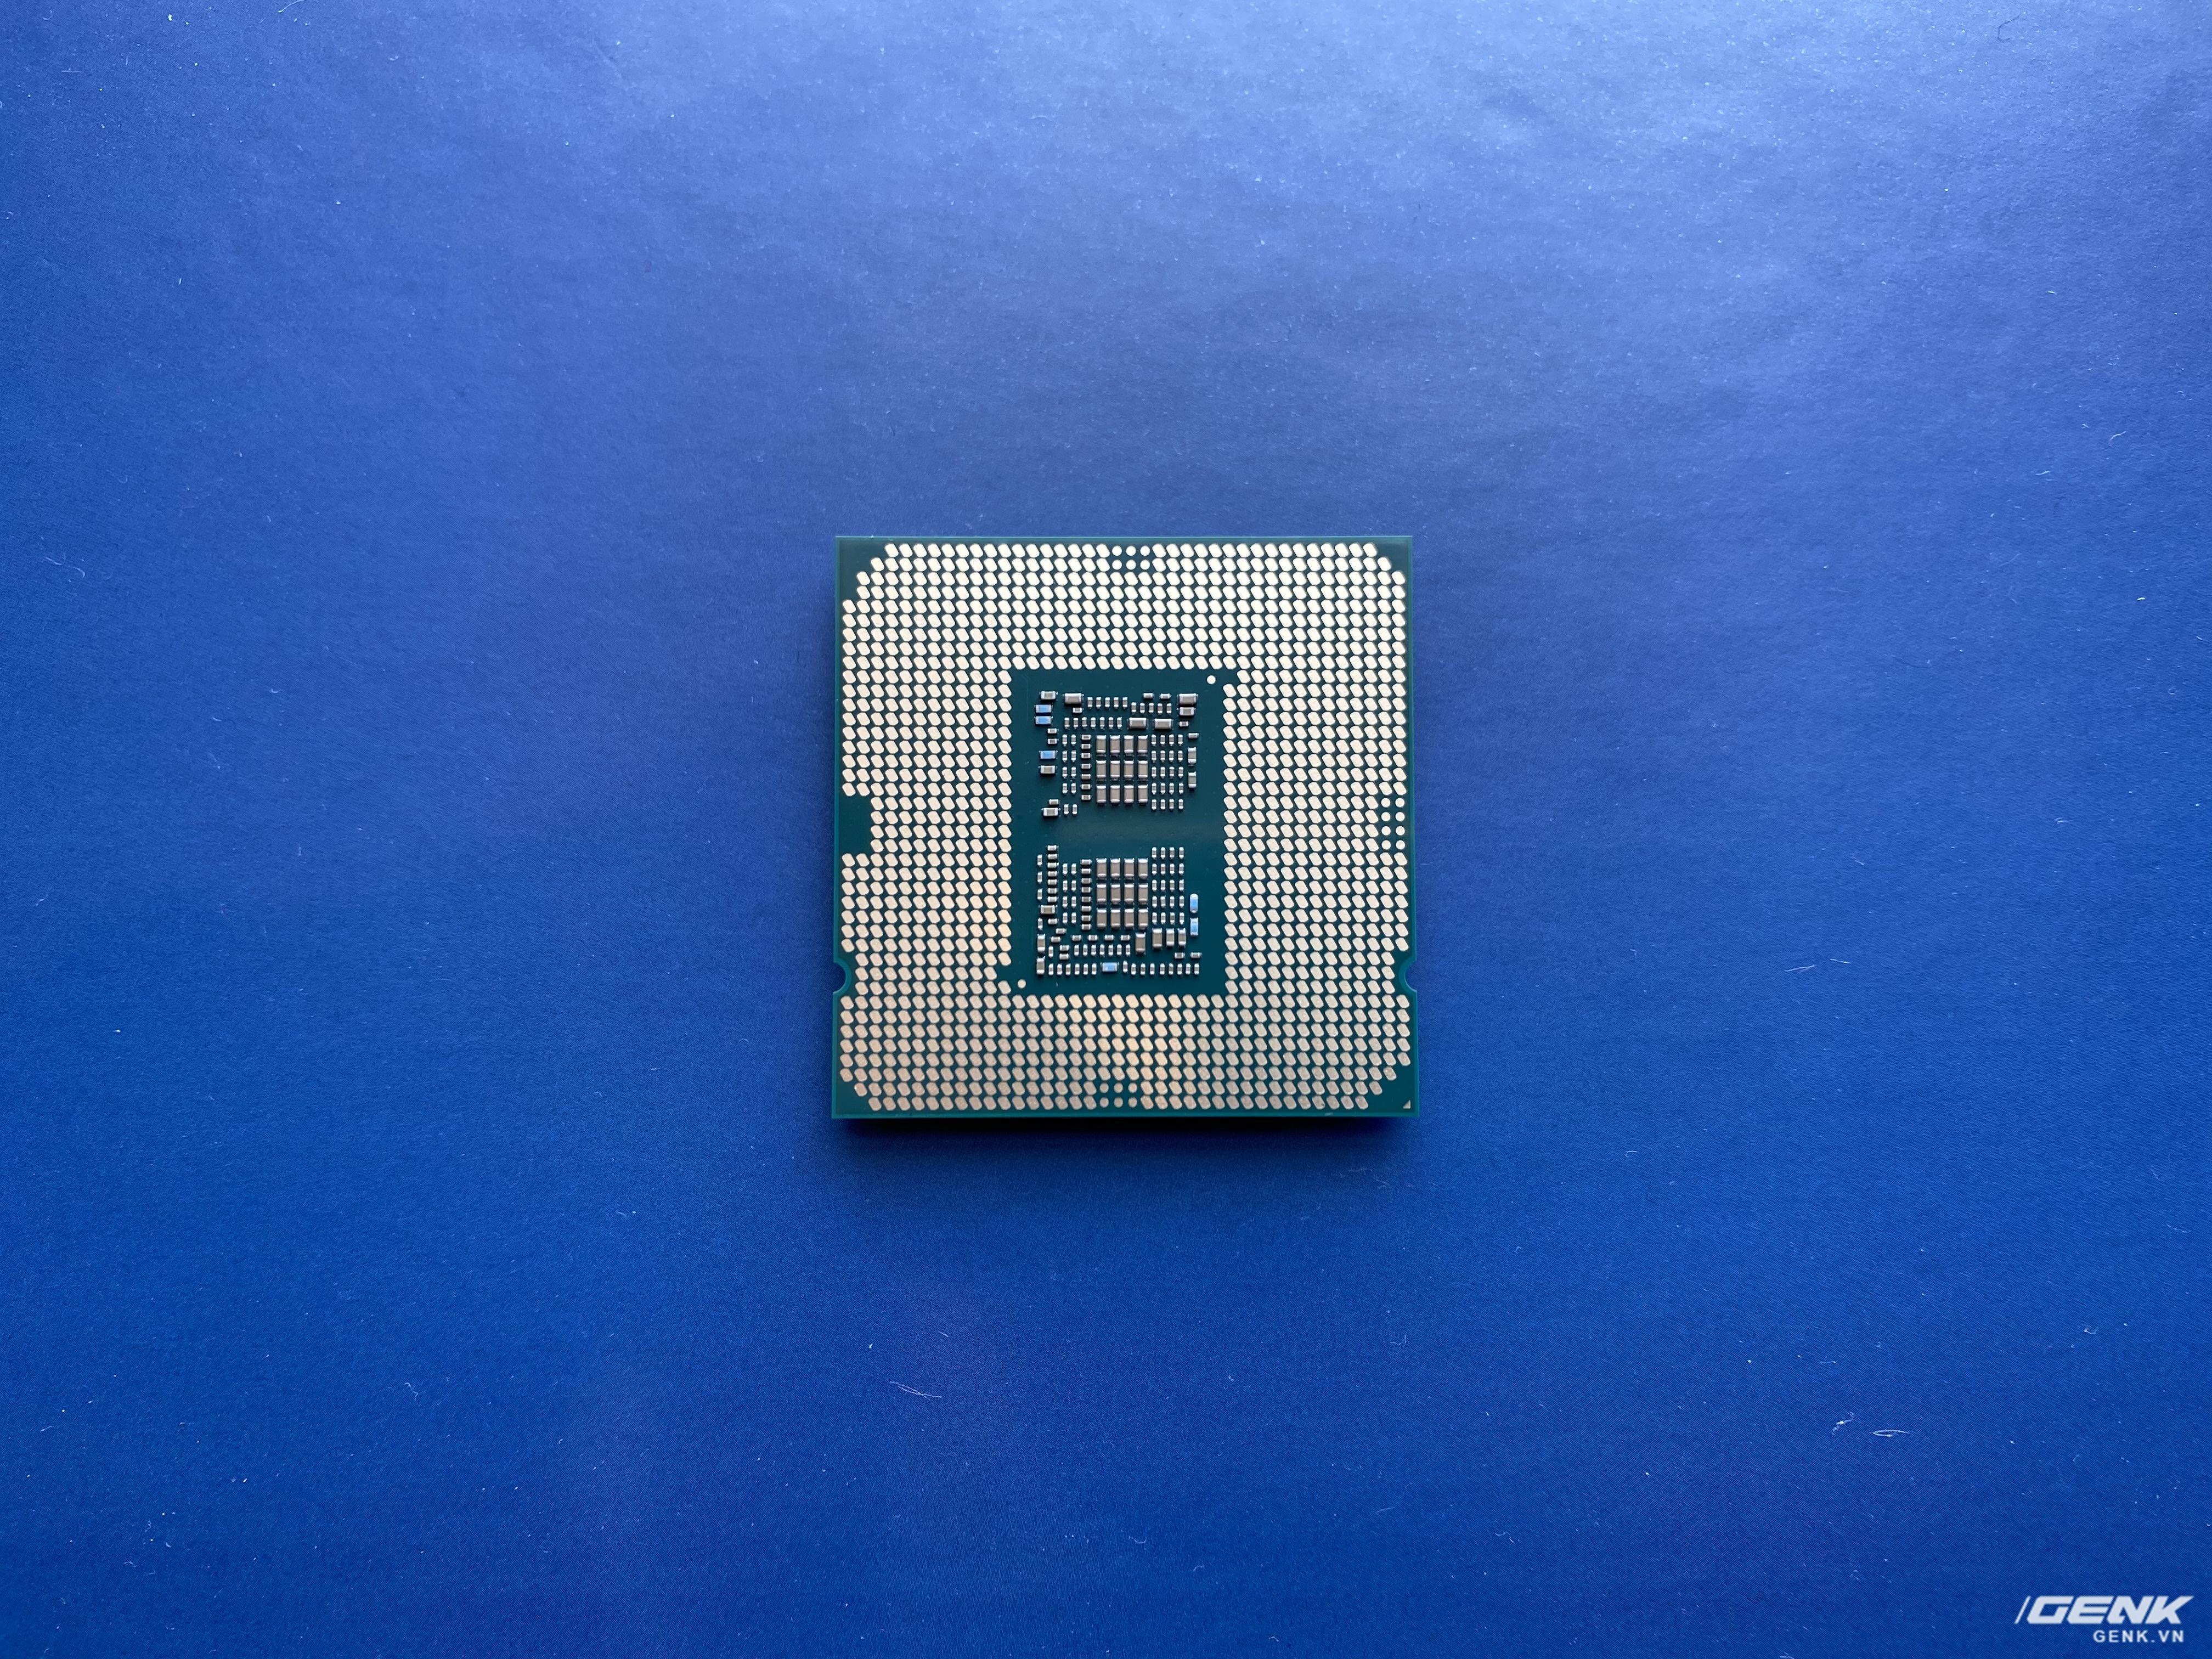 Đánh giá Intel Core i5-10600K: CPU chơi game hợp lý nhất hiện nay - Ảnh 2.